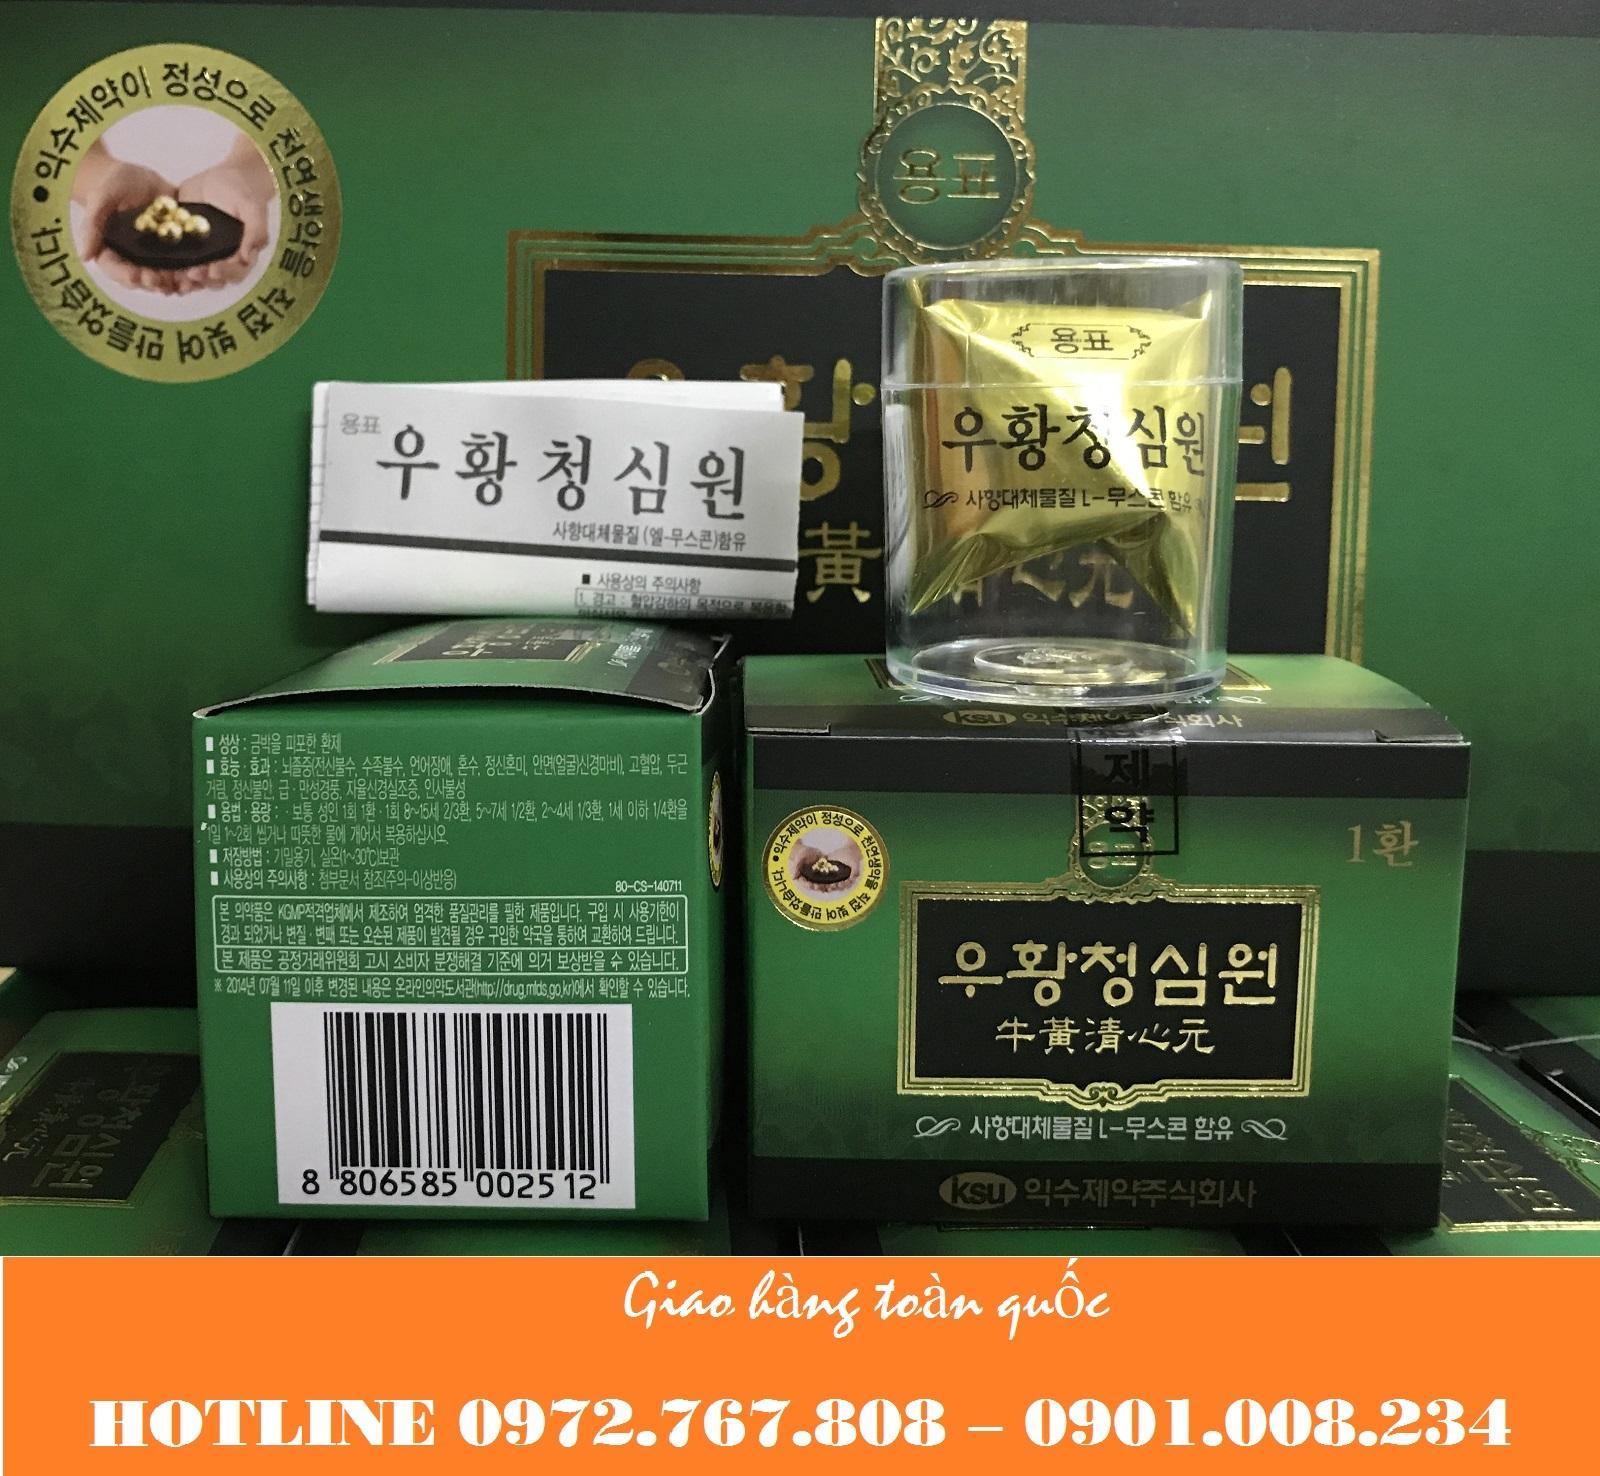 8806585002512, 18806585002519, an cung han quoc, an cung iksu